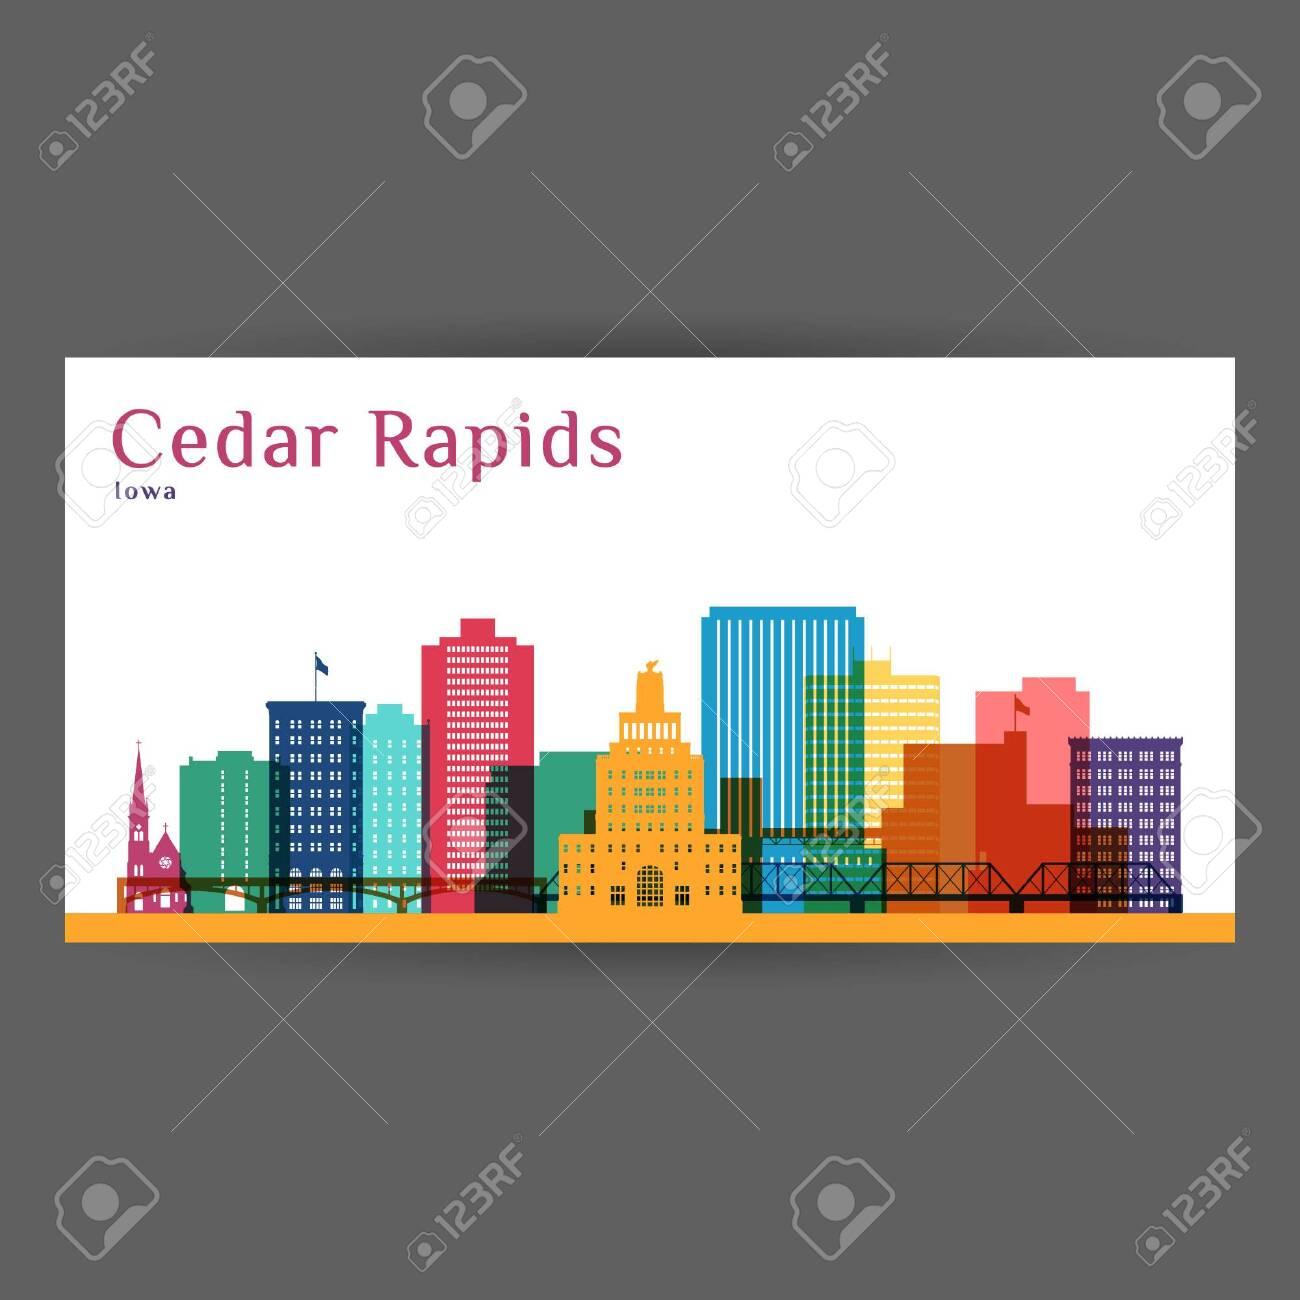 Cedar Rapids colorful architecture vector illustration, skyline city silhouette, skyscraper, flat design. - 139809467